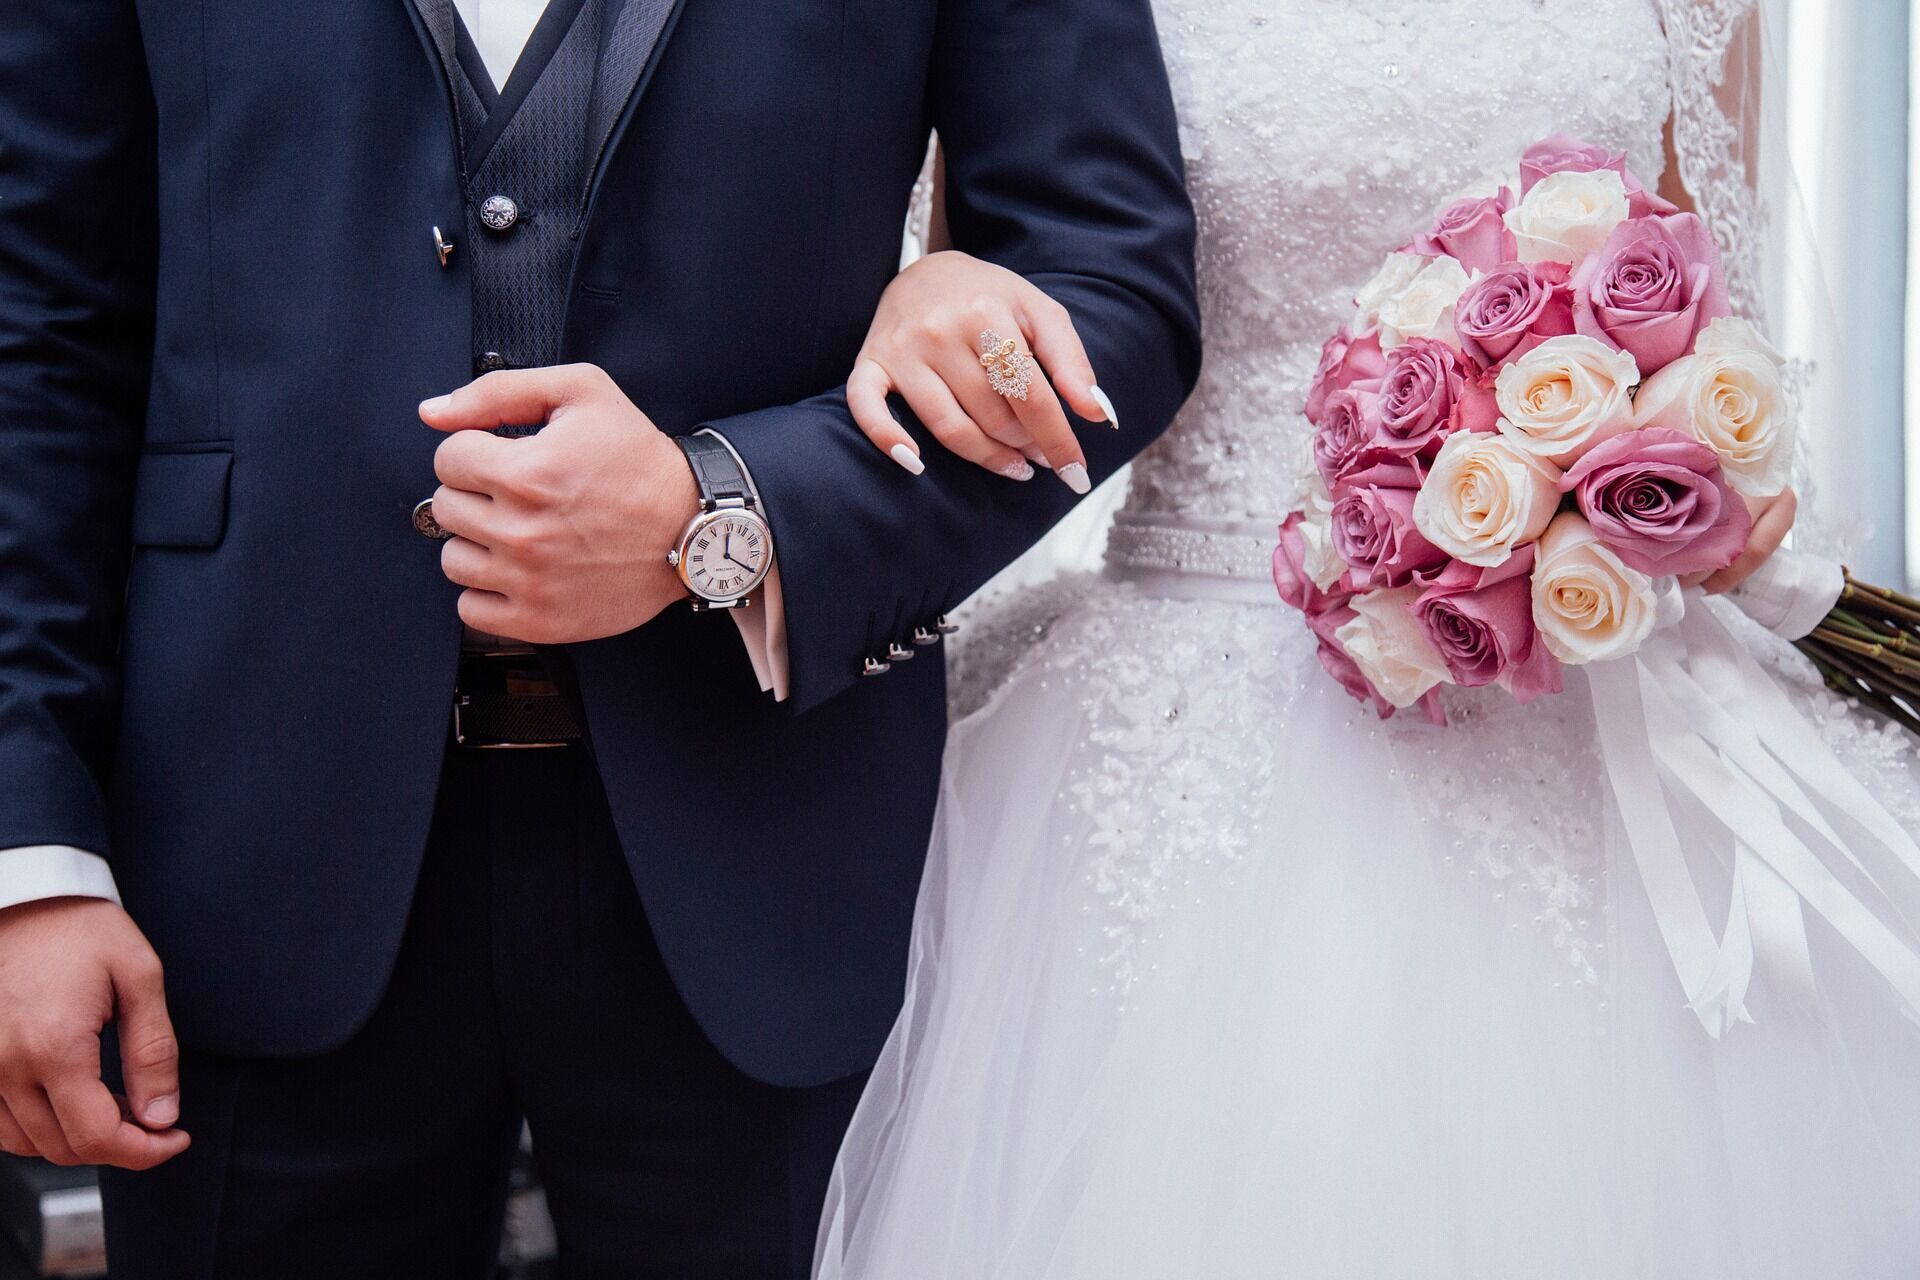 У невесты была к сестре убедительная просьба, но та ее не выполнила.